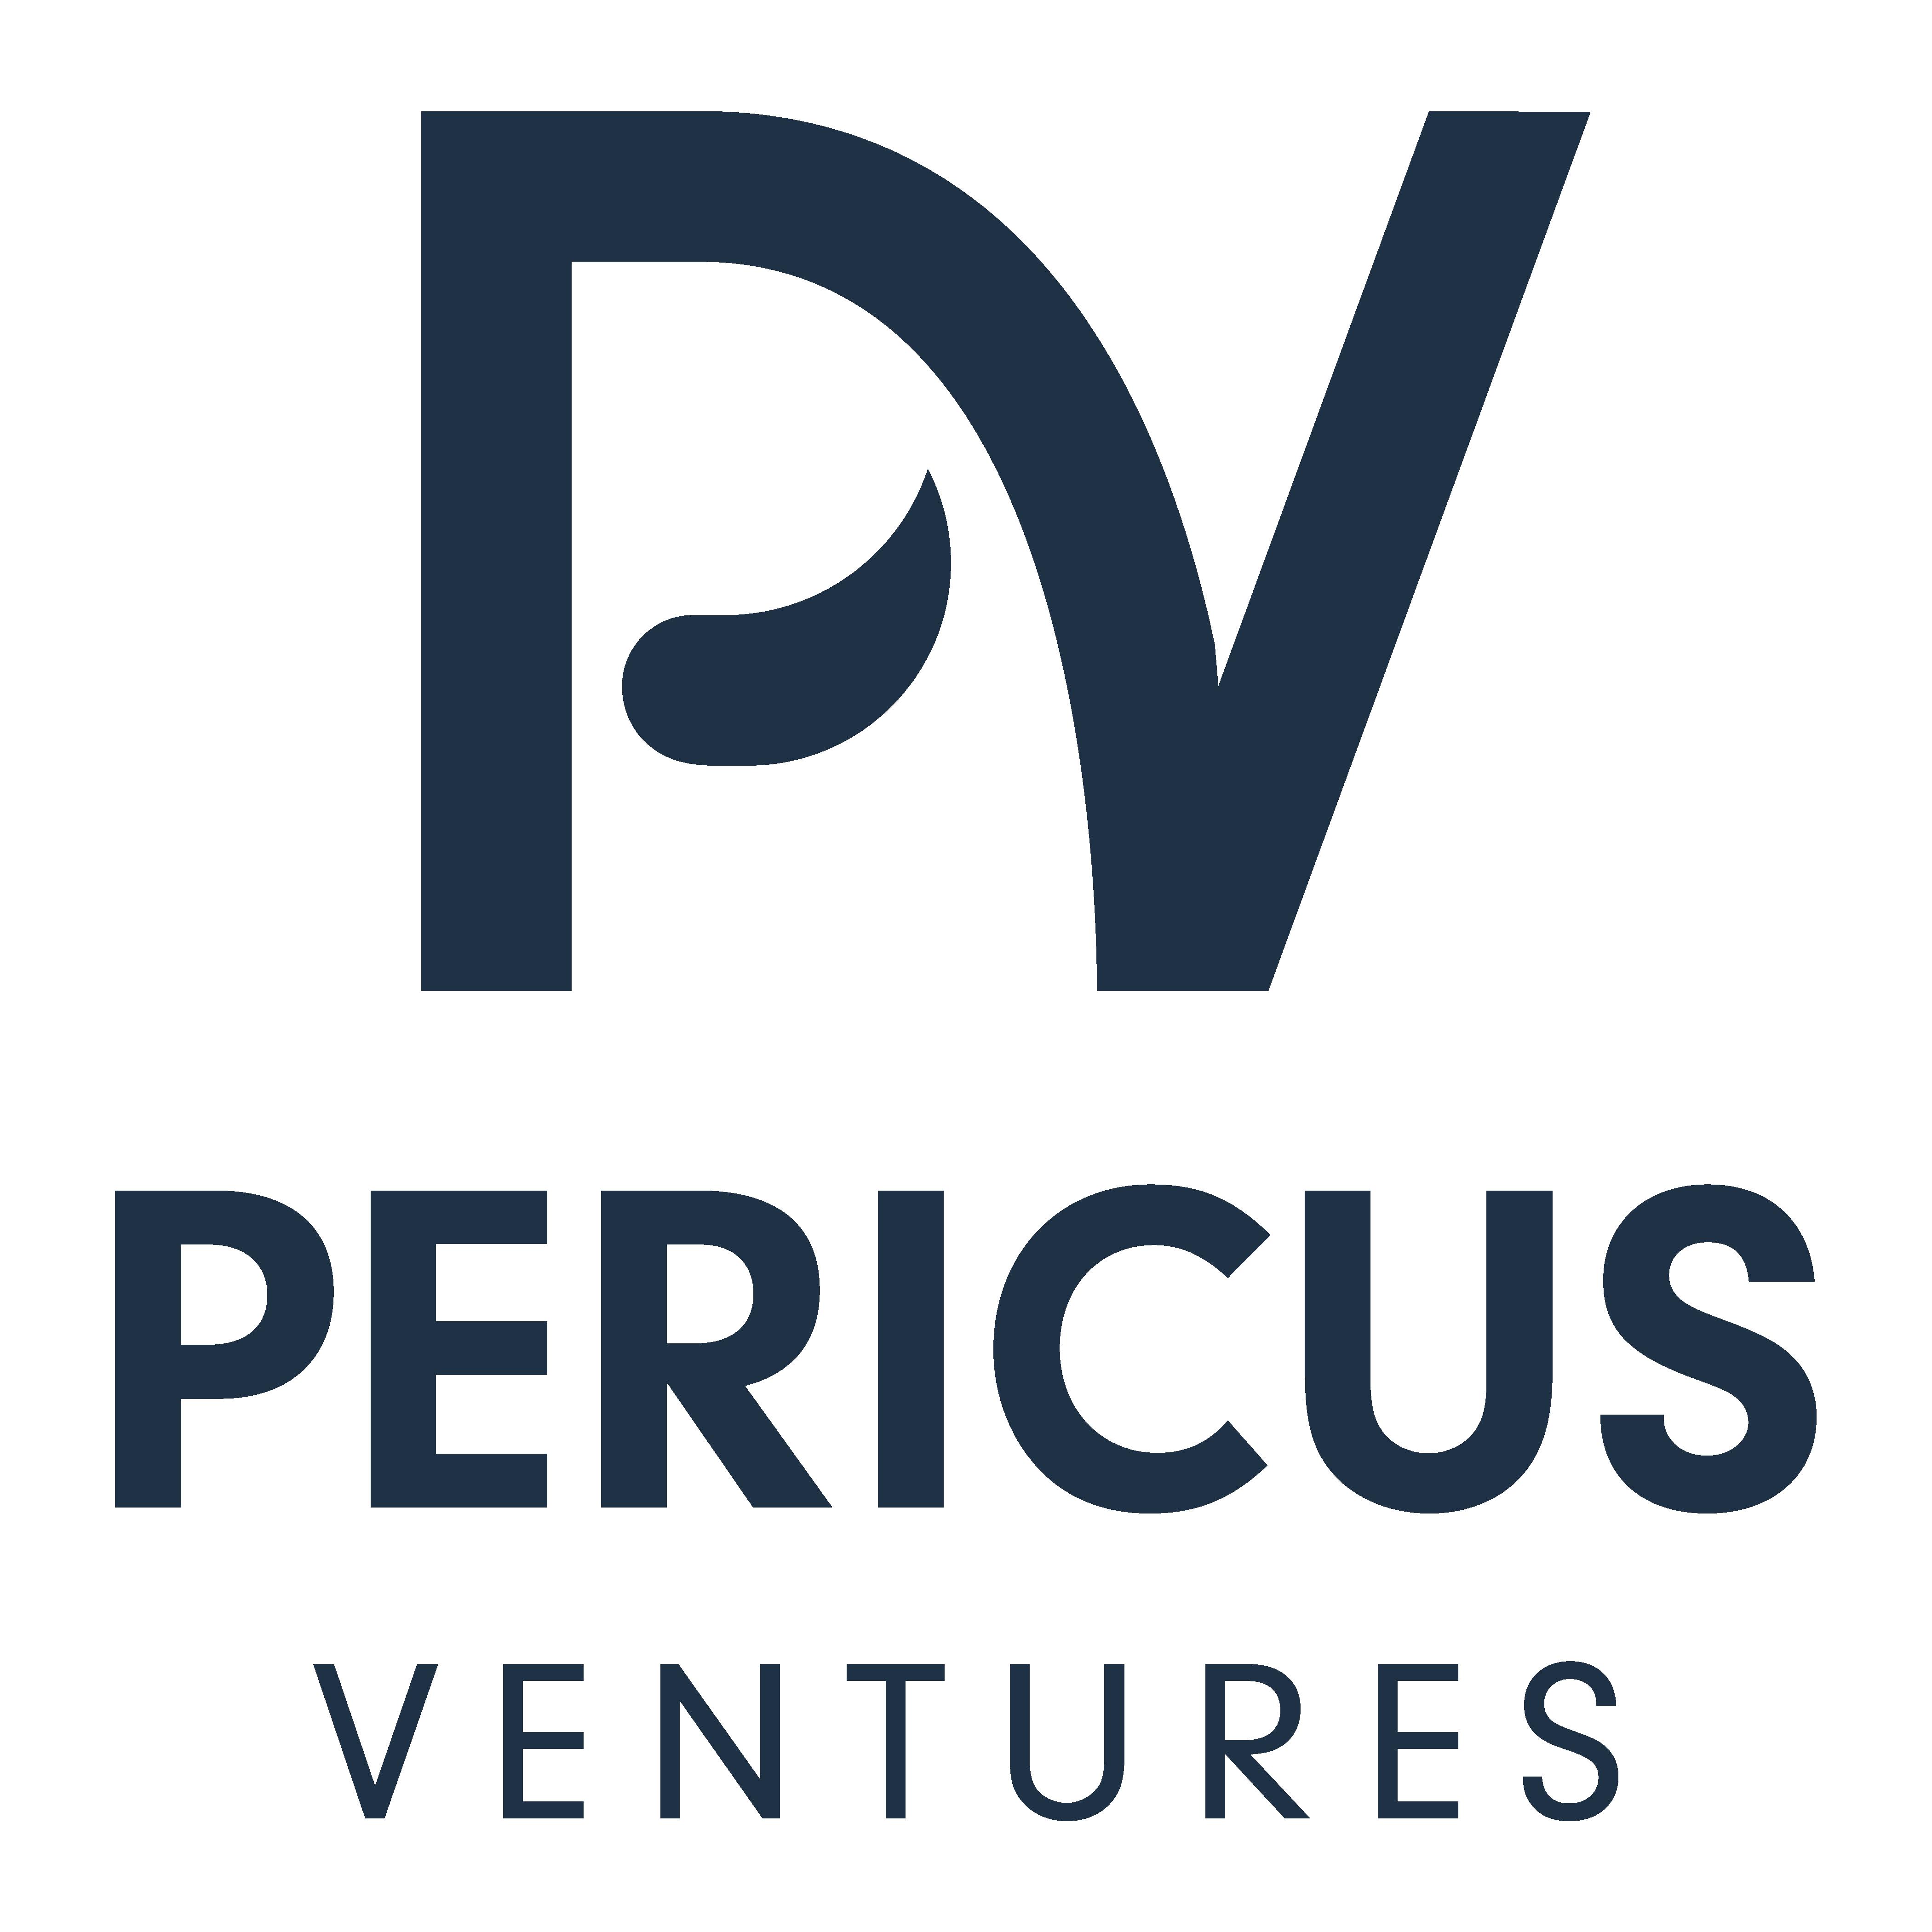 Pericus Ventures Logo